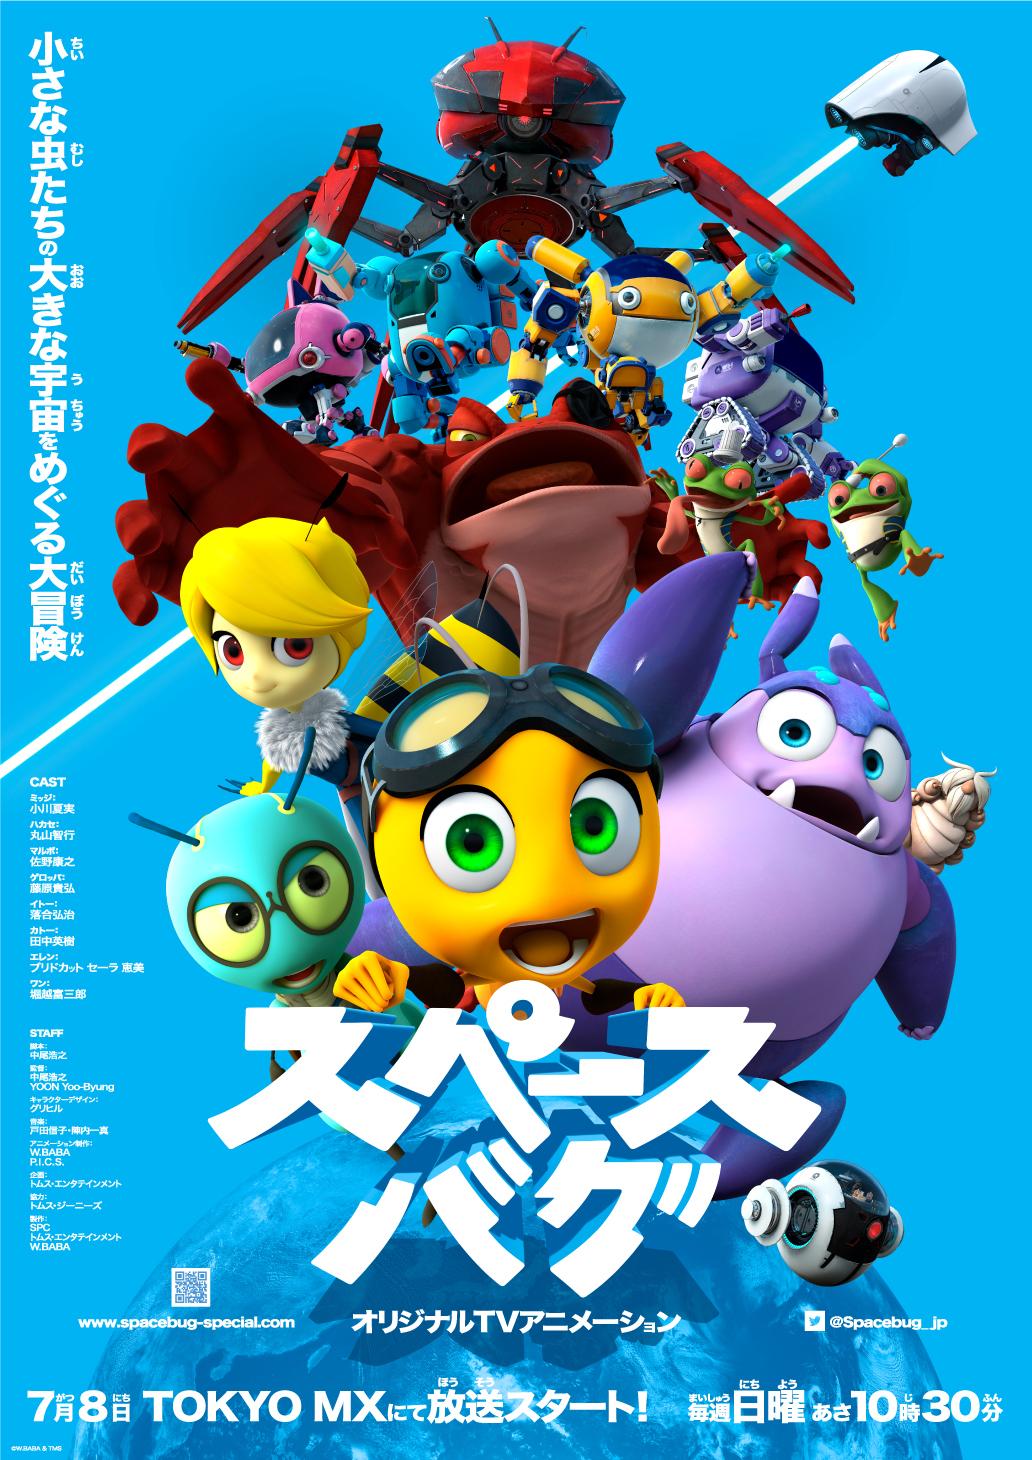 TVアニメ『スペースバグ』メインビジュアル